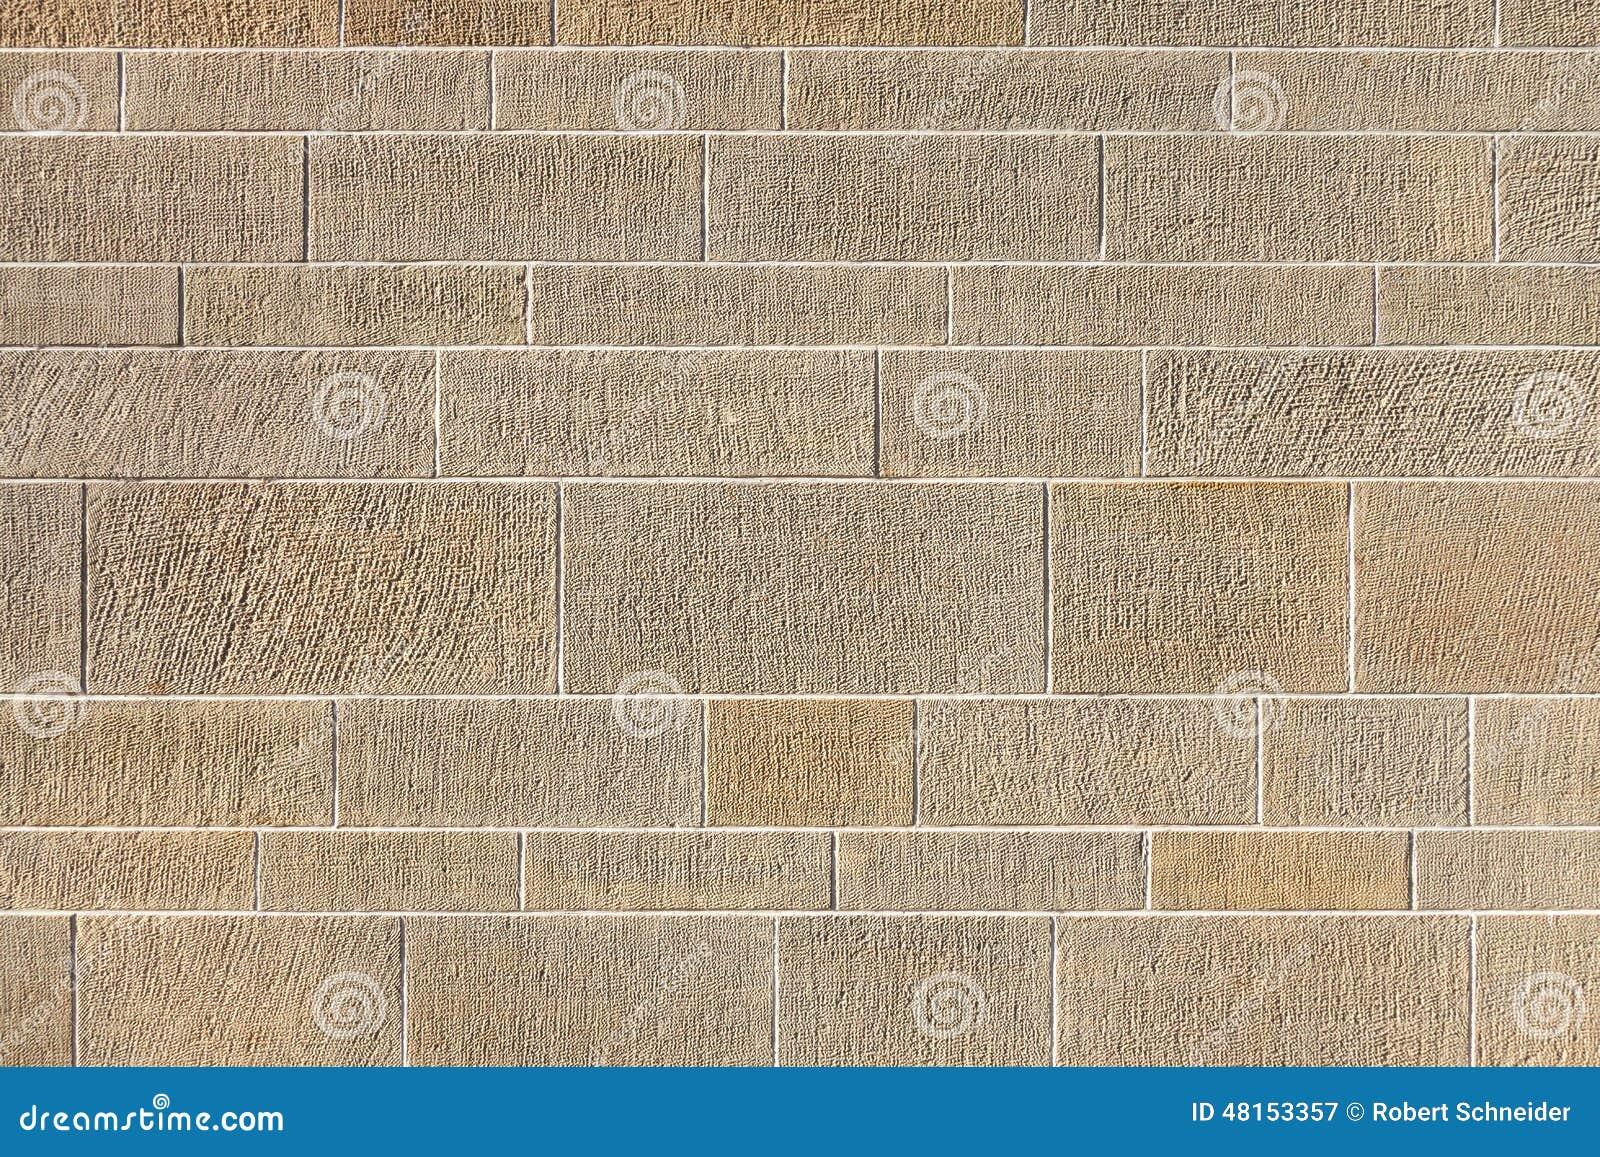 Mod le d 39 un mur ext rieur dans le format horizontal photo for Modele de mur en pierre exterieur